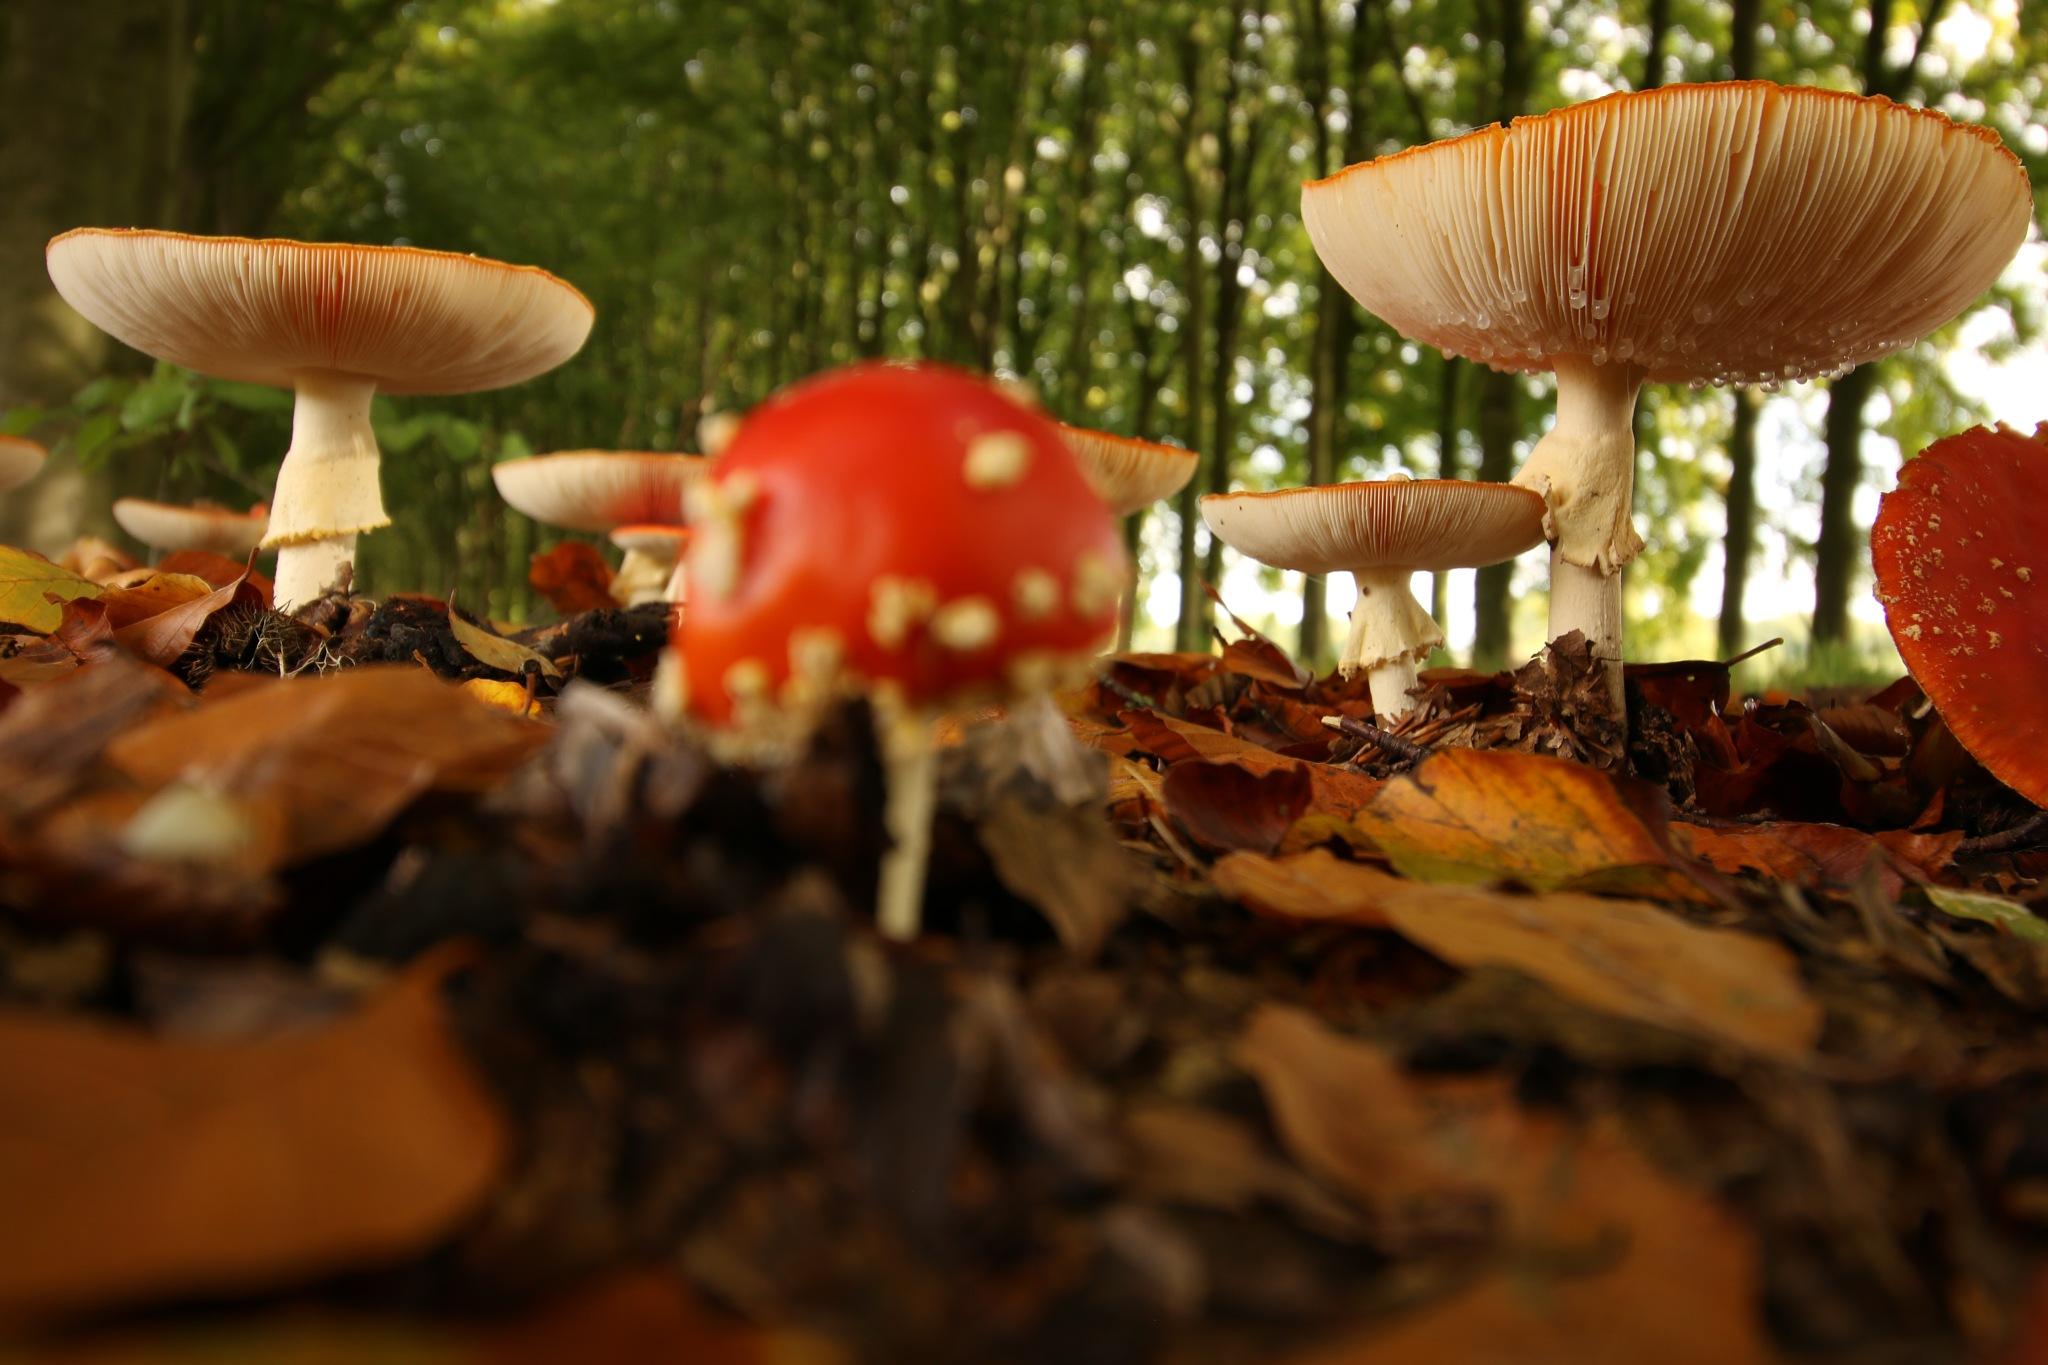 Mushroom by Eddie